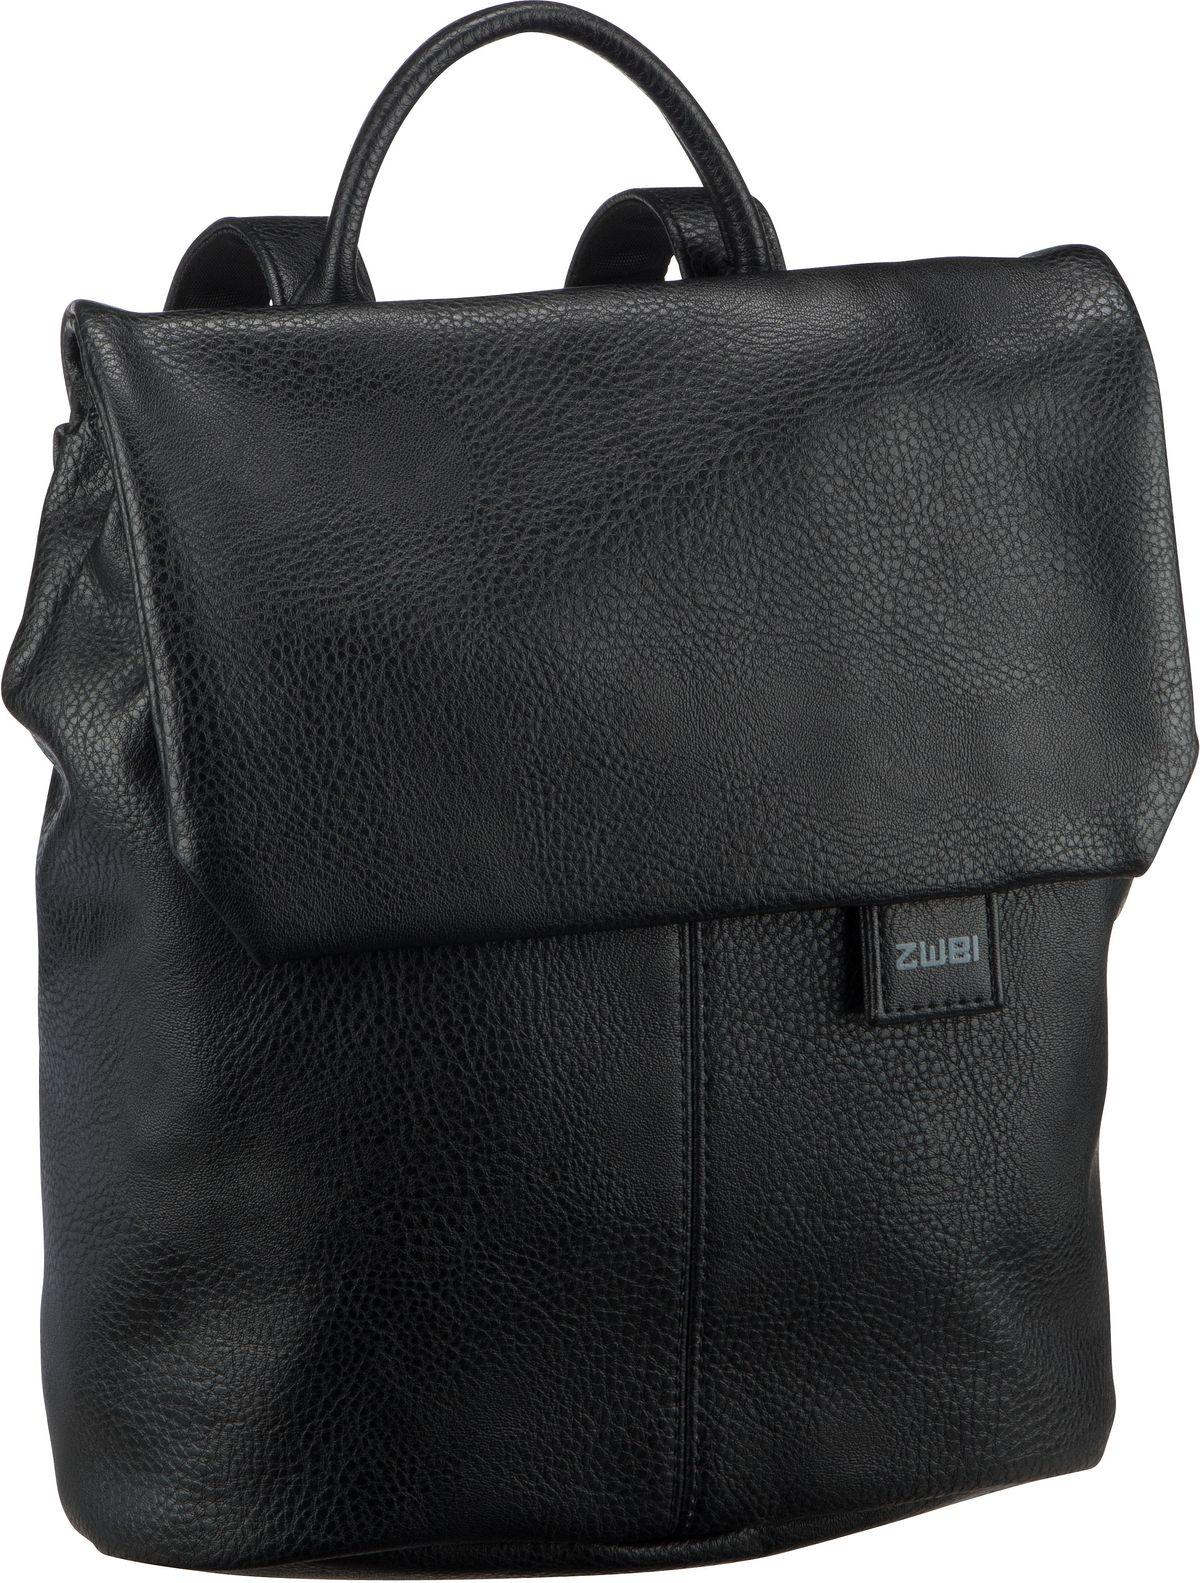 Rucksack / Daypack Mademoiselle MR8 Noir (4 Liter)